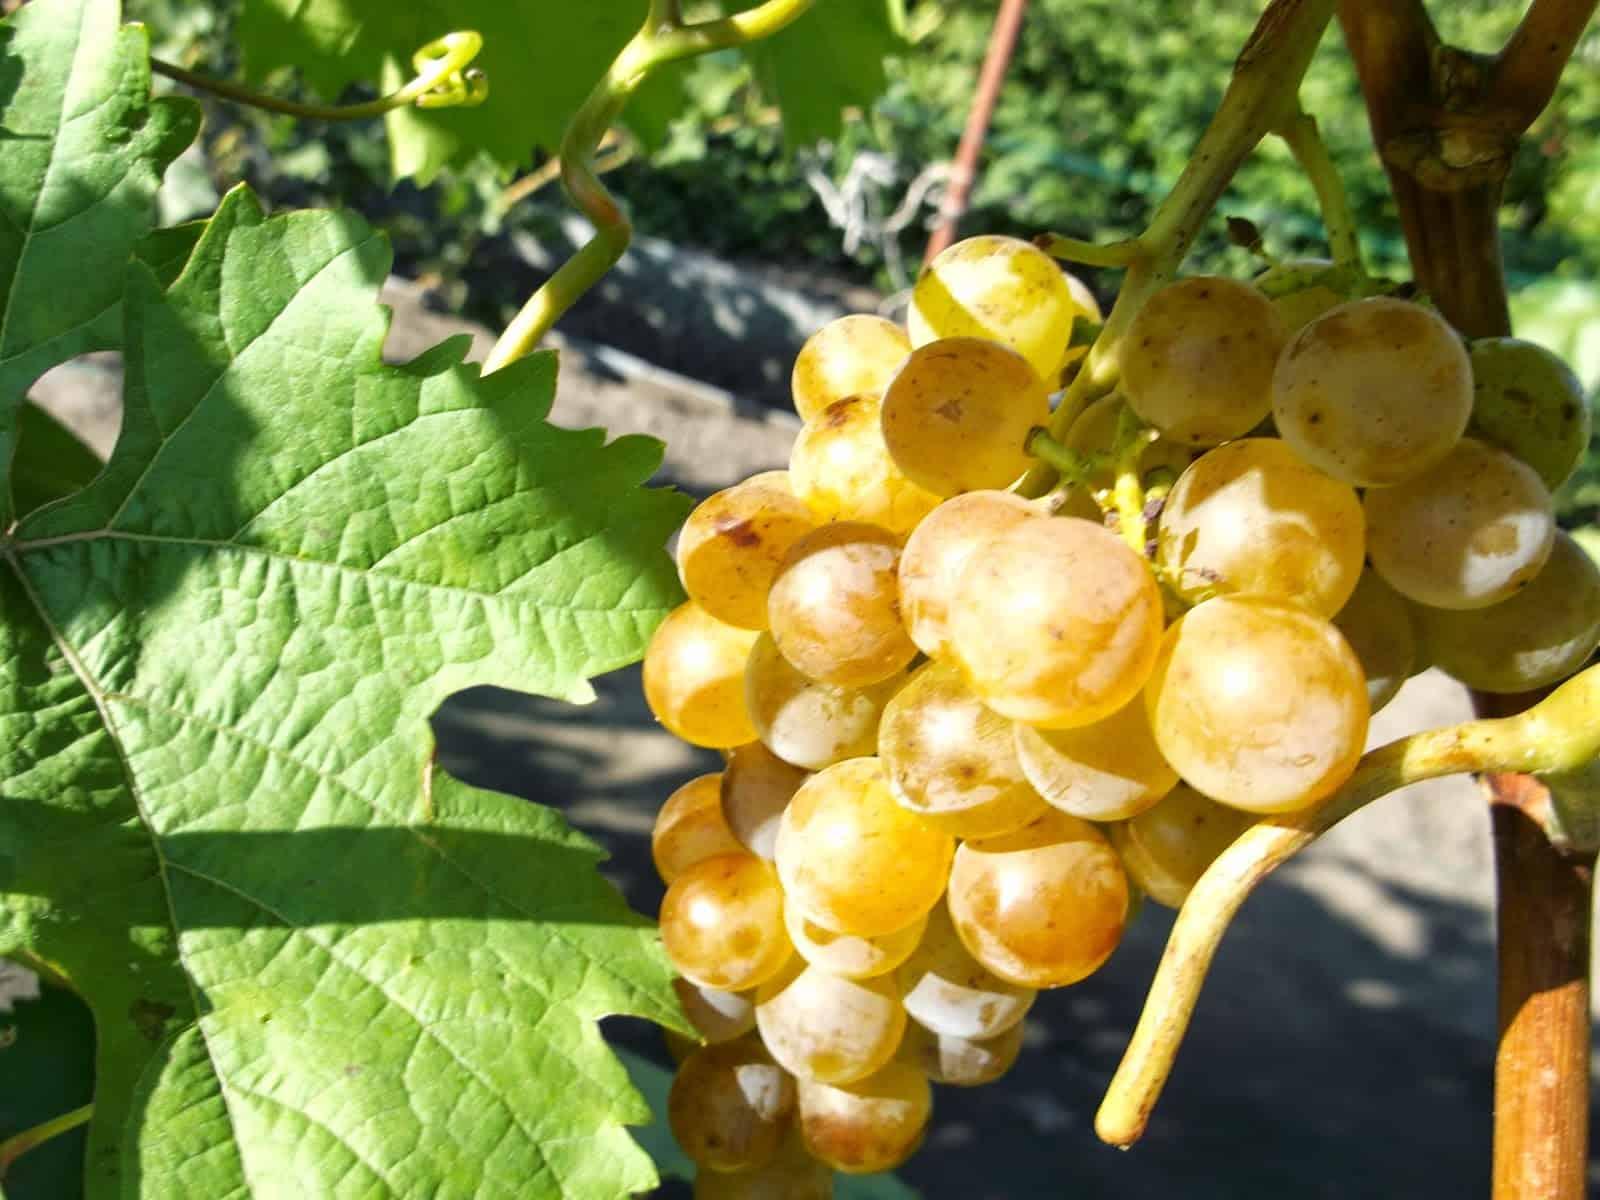 самый виноград русский янтарь фото спальни, большой